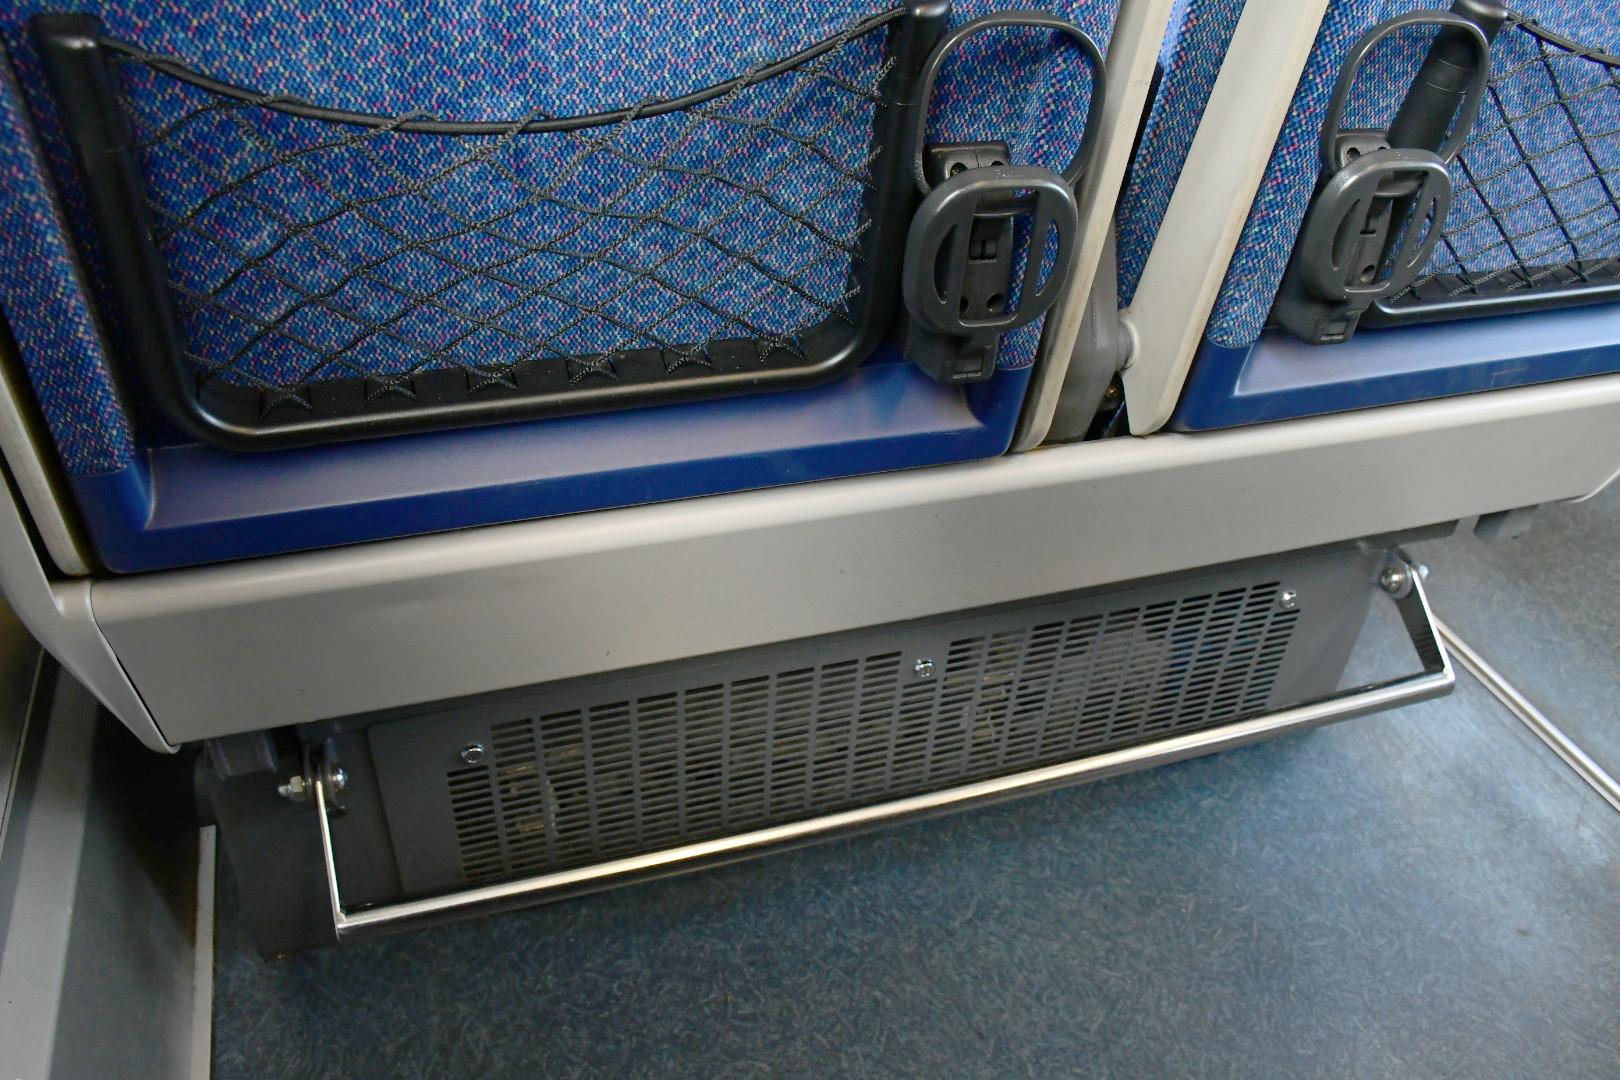 ニューレッドアローのシートピッチは1070ミリと広めですが、座席下には機器類があるため、思い切り足を伸ばすことはできません